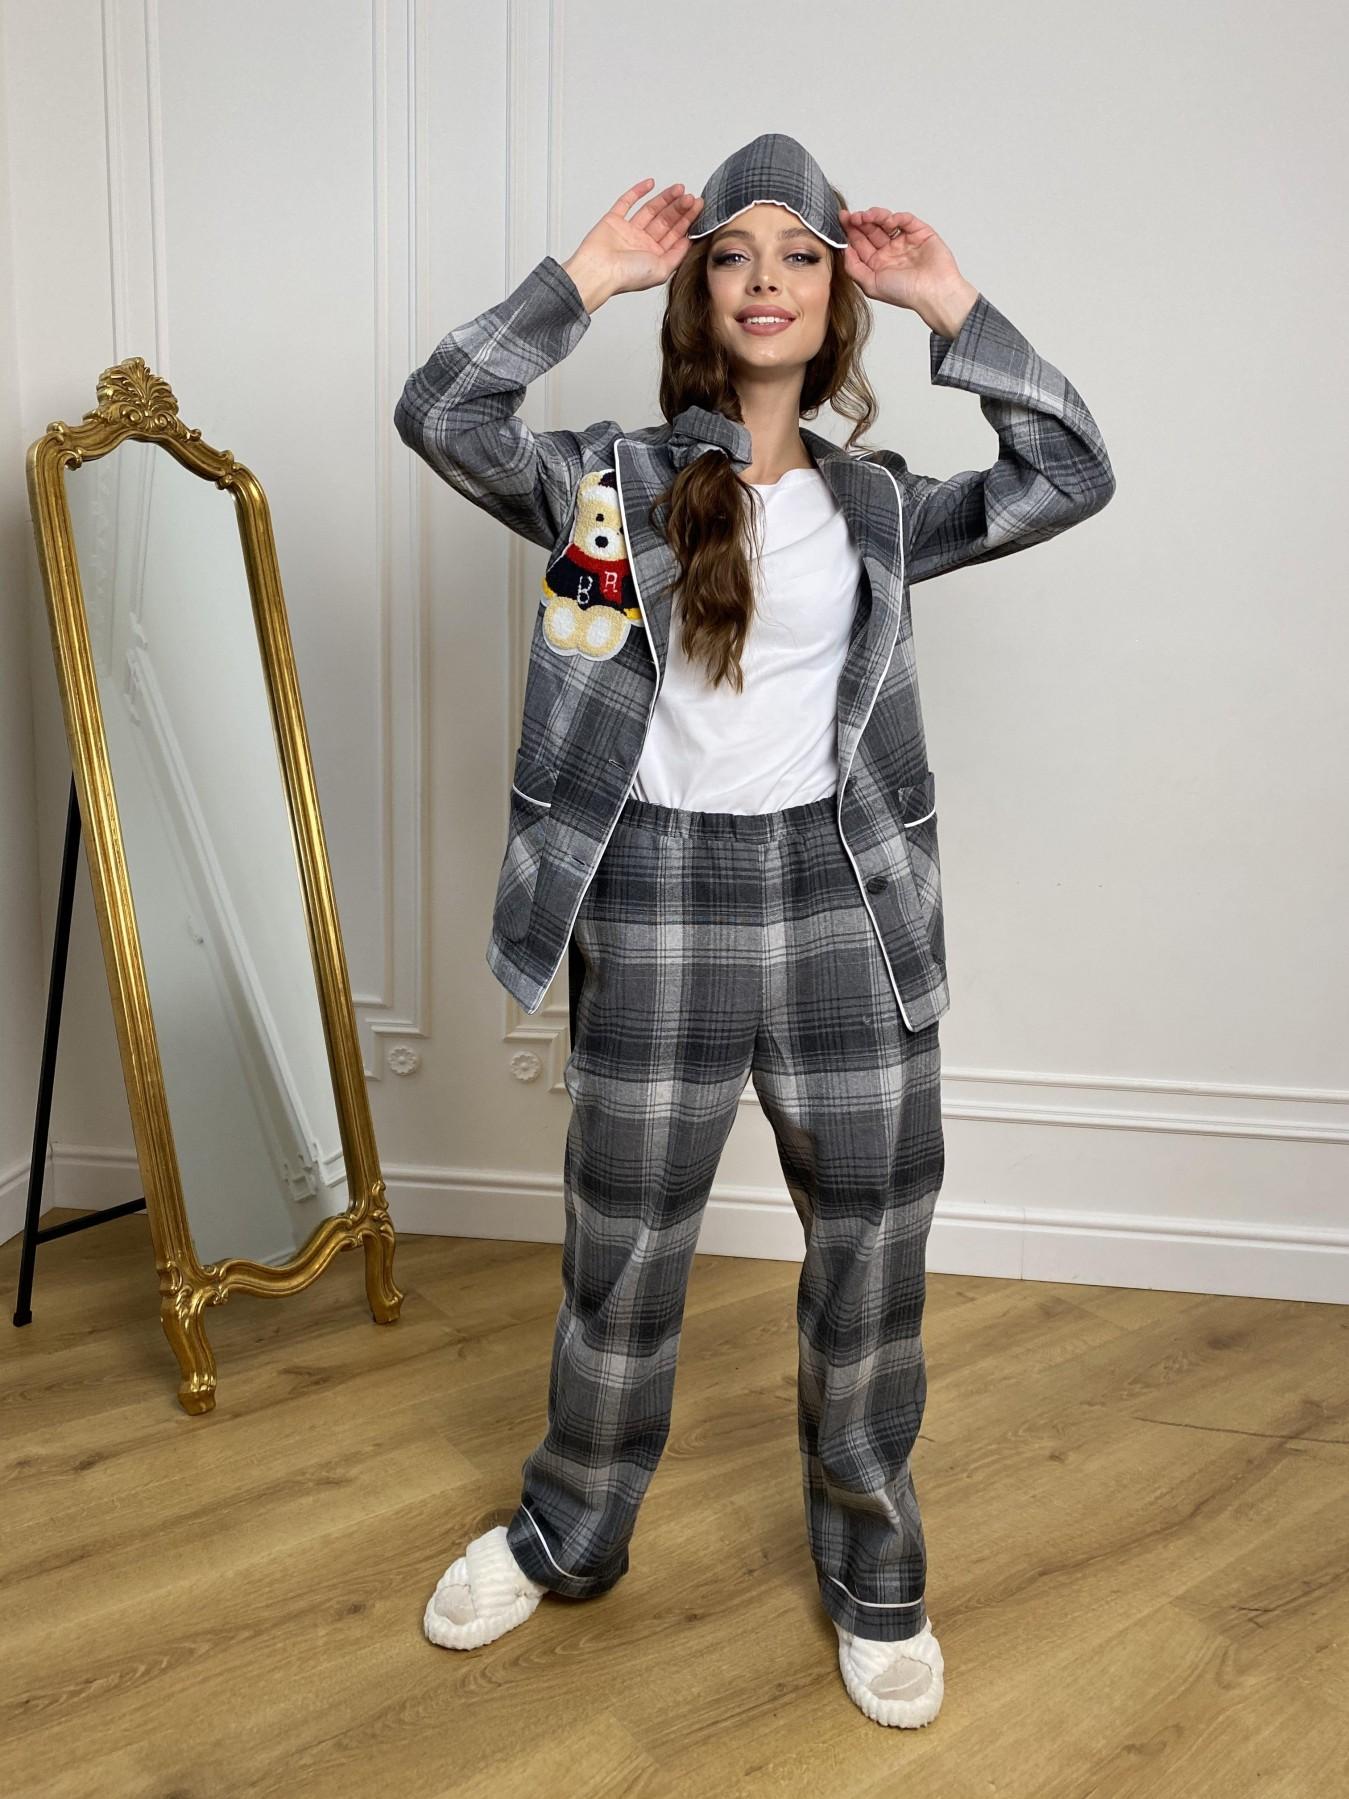 Тедди пижама в клетку из коттона(жакет,футболка,брюки,маска,резинка) 10384 АРТ. 46910 Цвет: Т.серый/серый - фото 5, интернет магазин tm-modus.ru